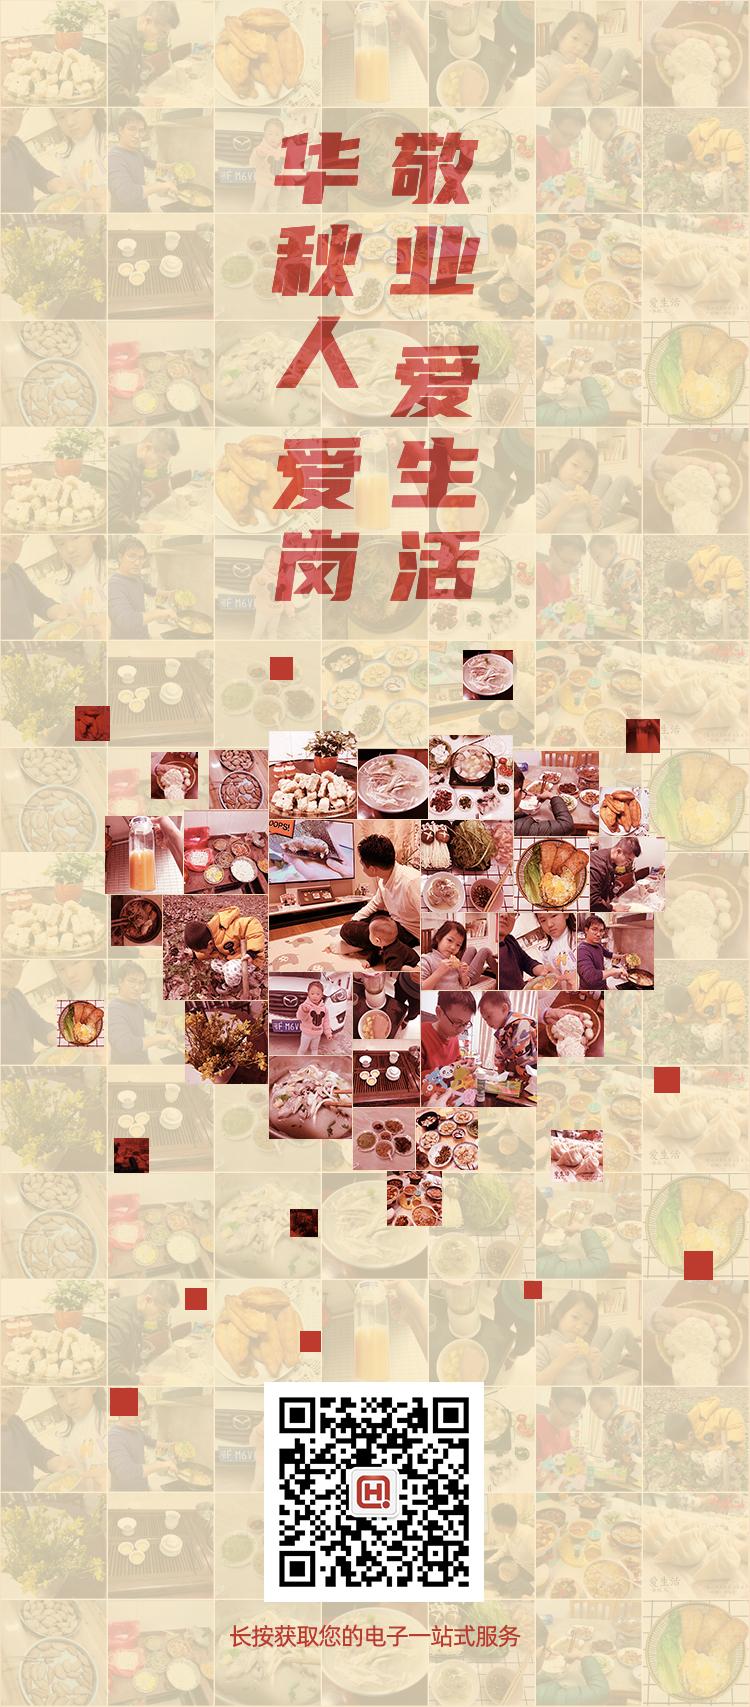 商城海報3_07.jpg